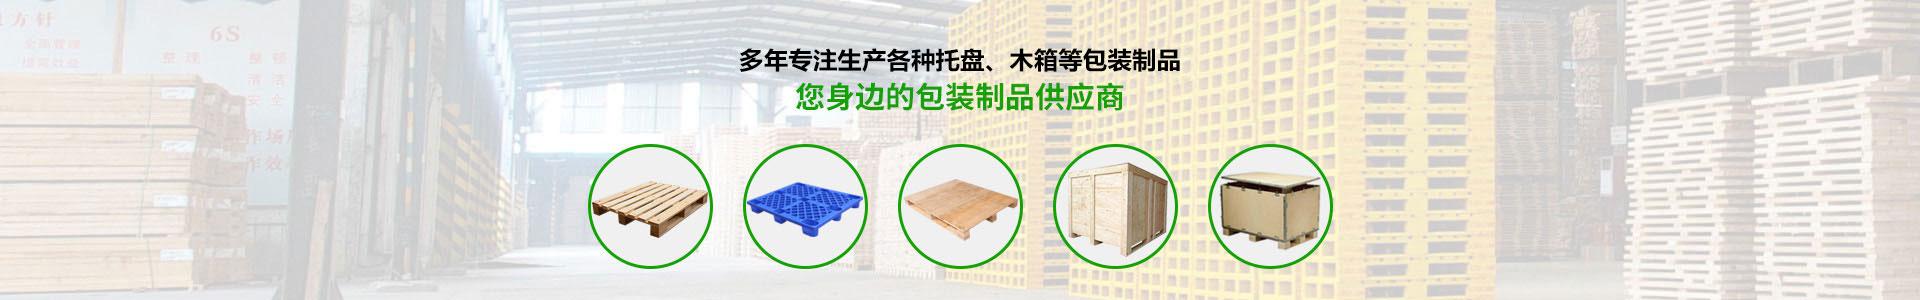 包装制品供应商